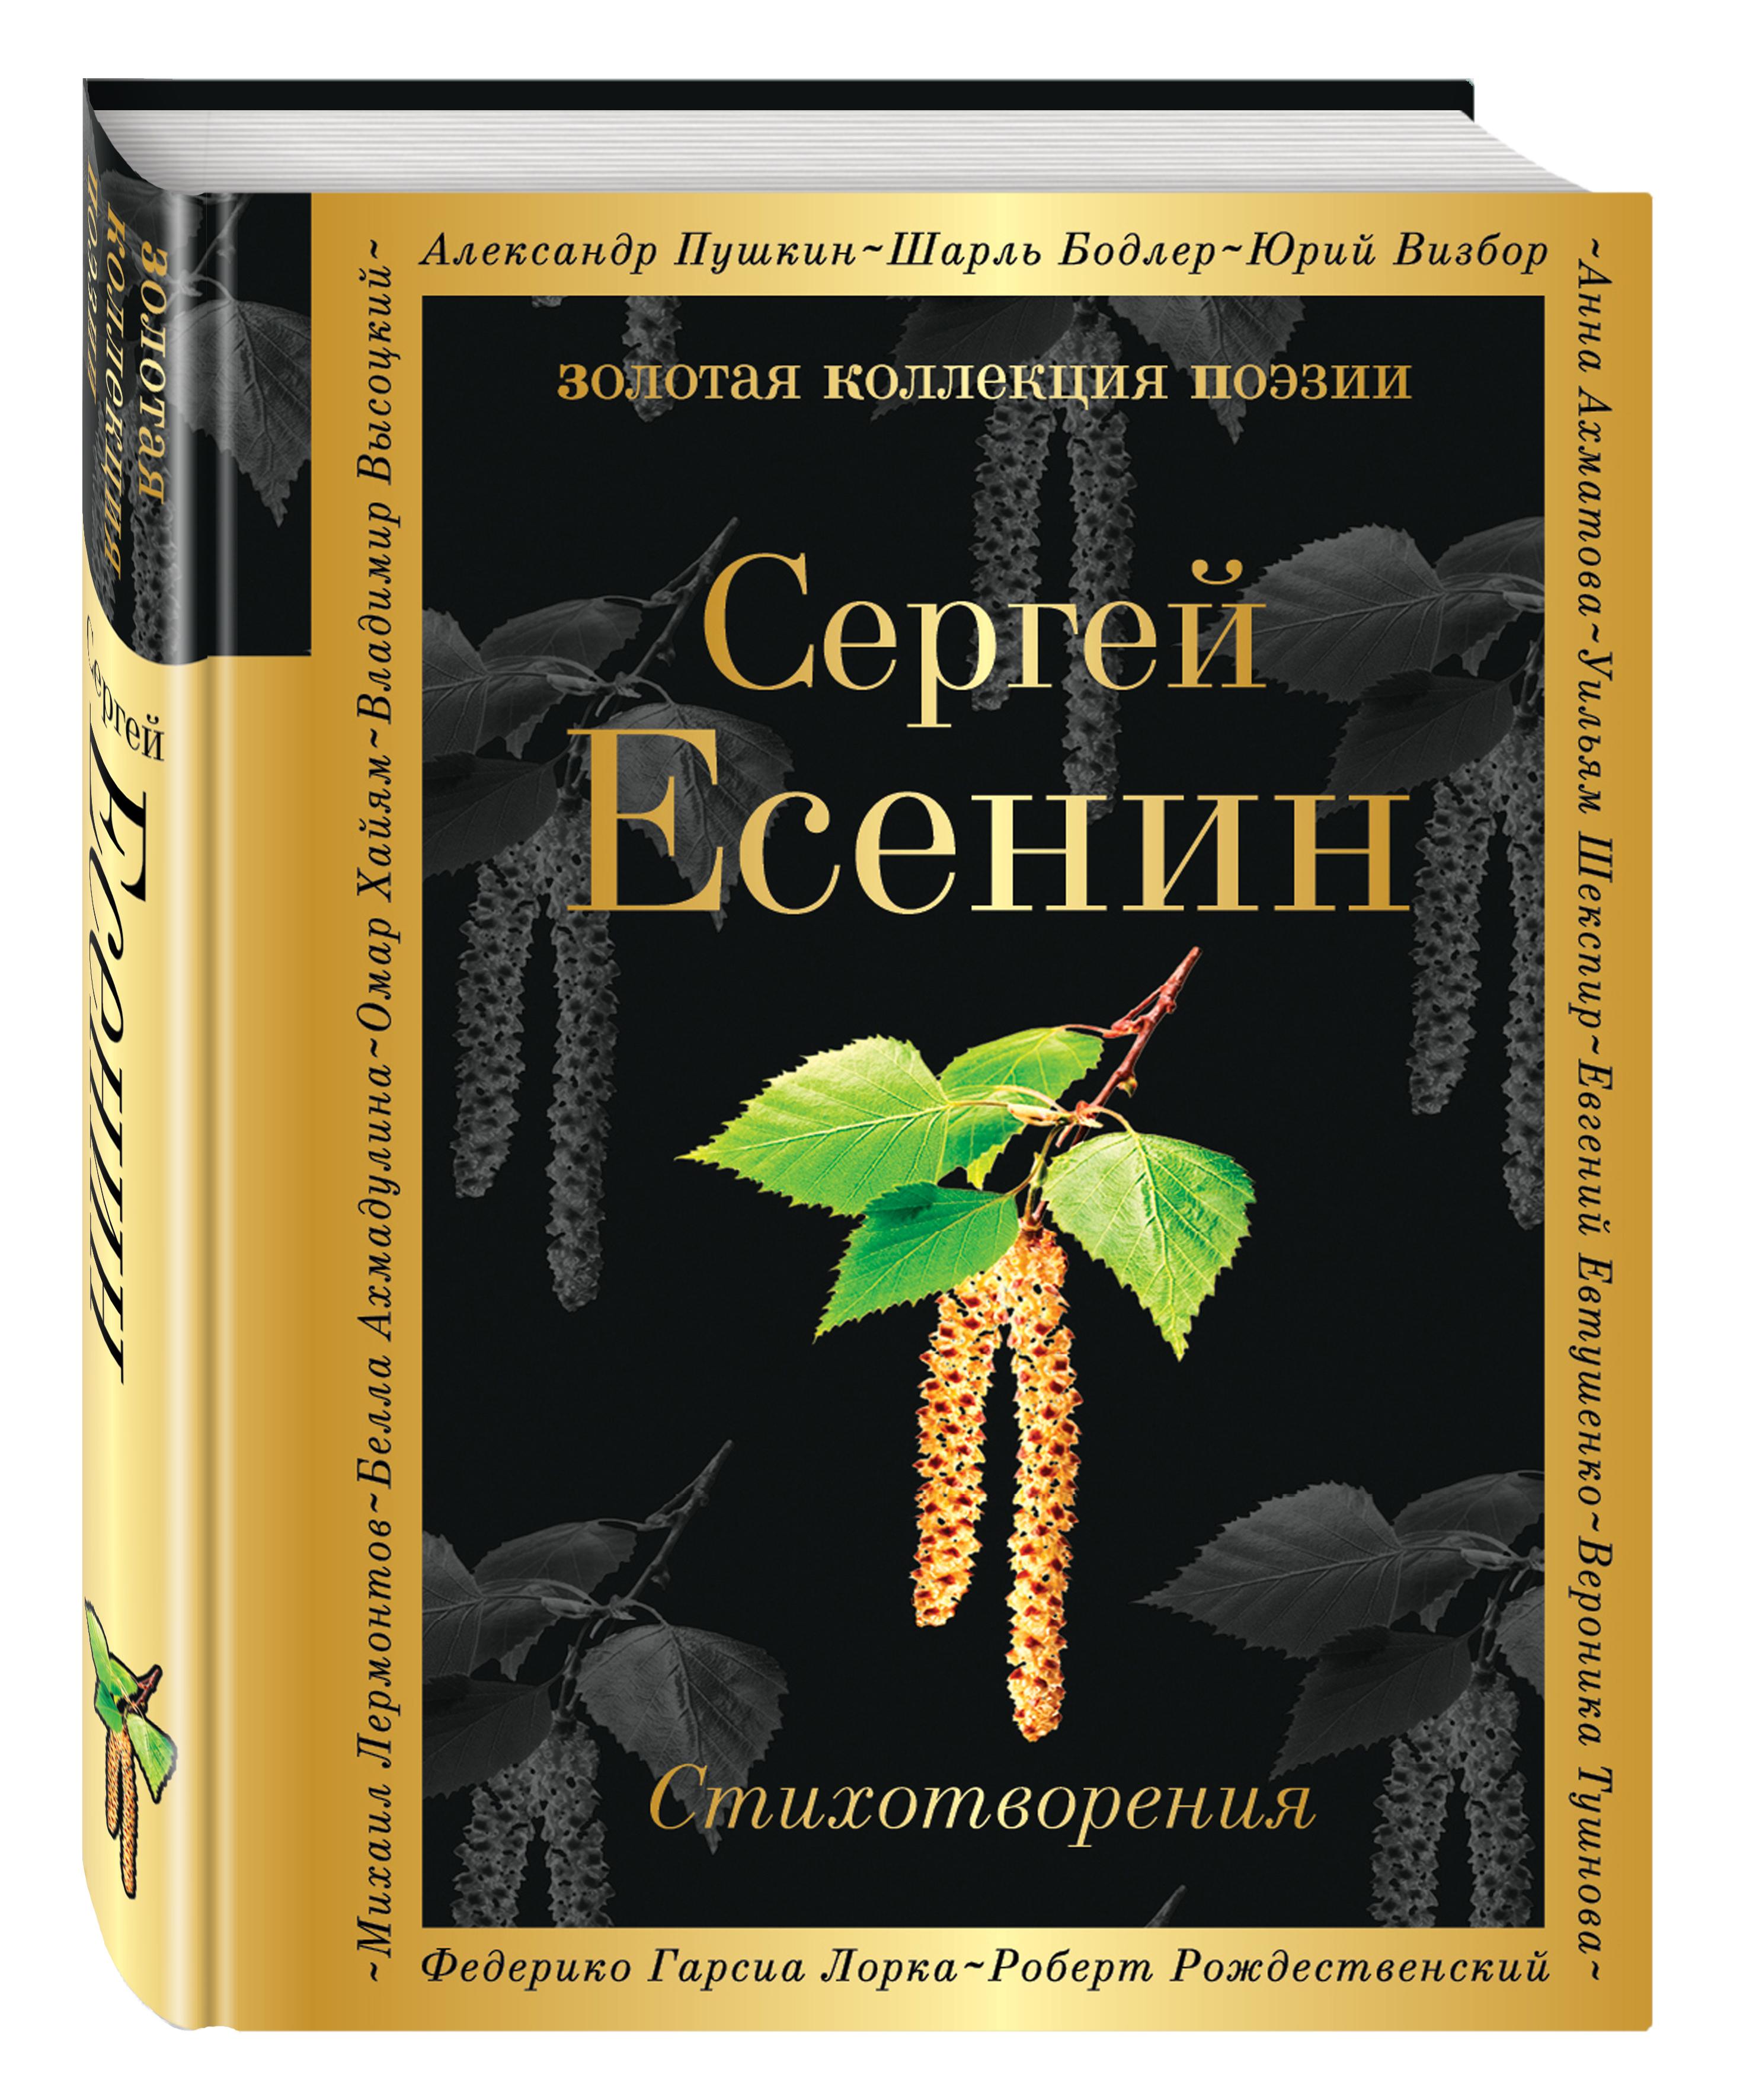 Есенин С.А. Стихотворения есенин с сергей есенин собрание сочинений в одной книге